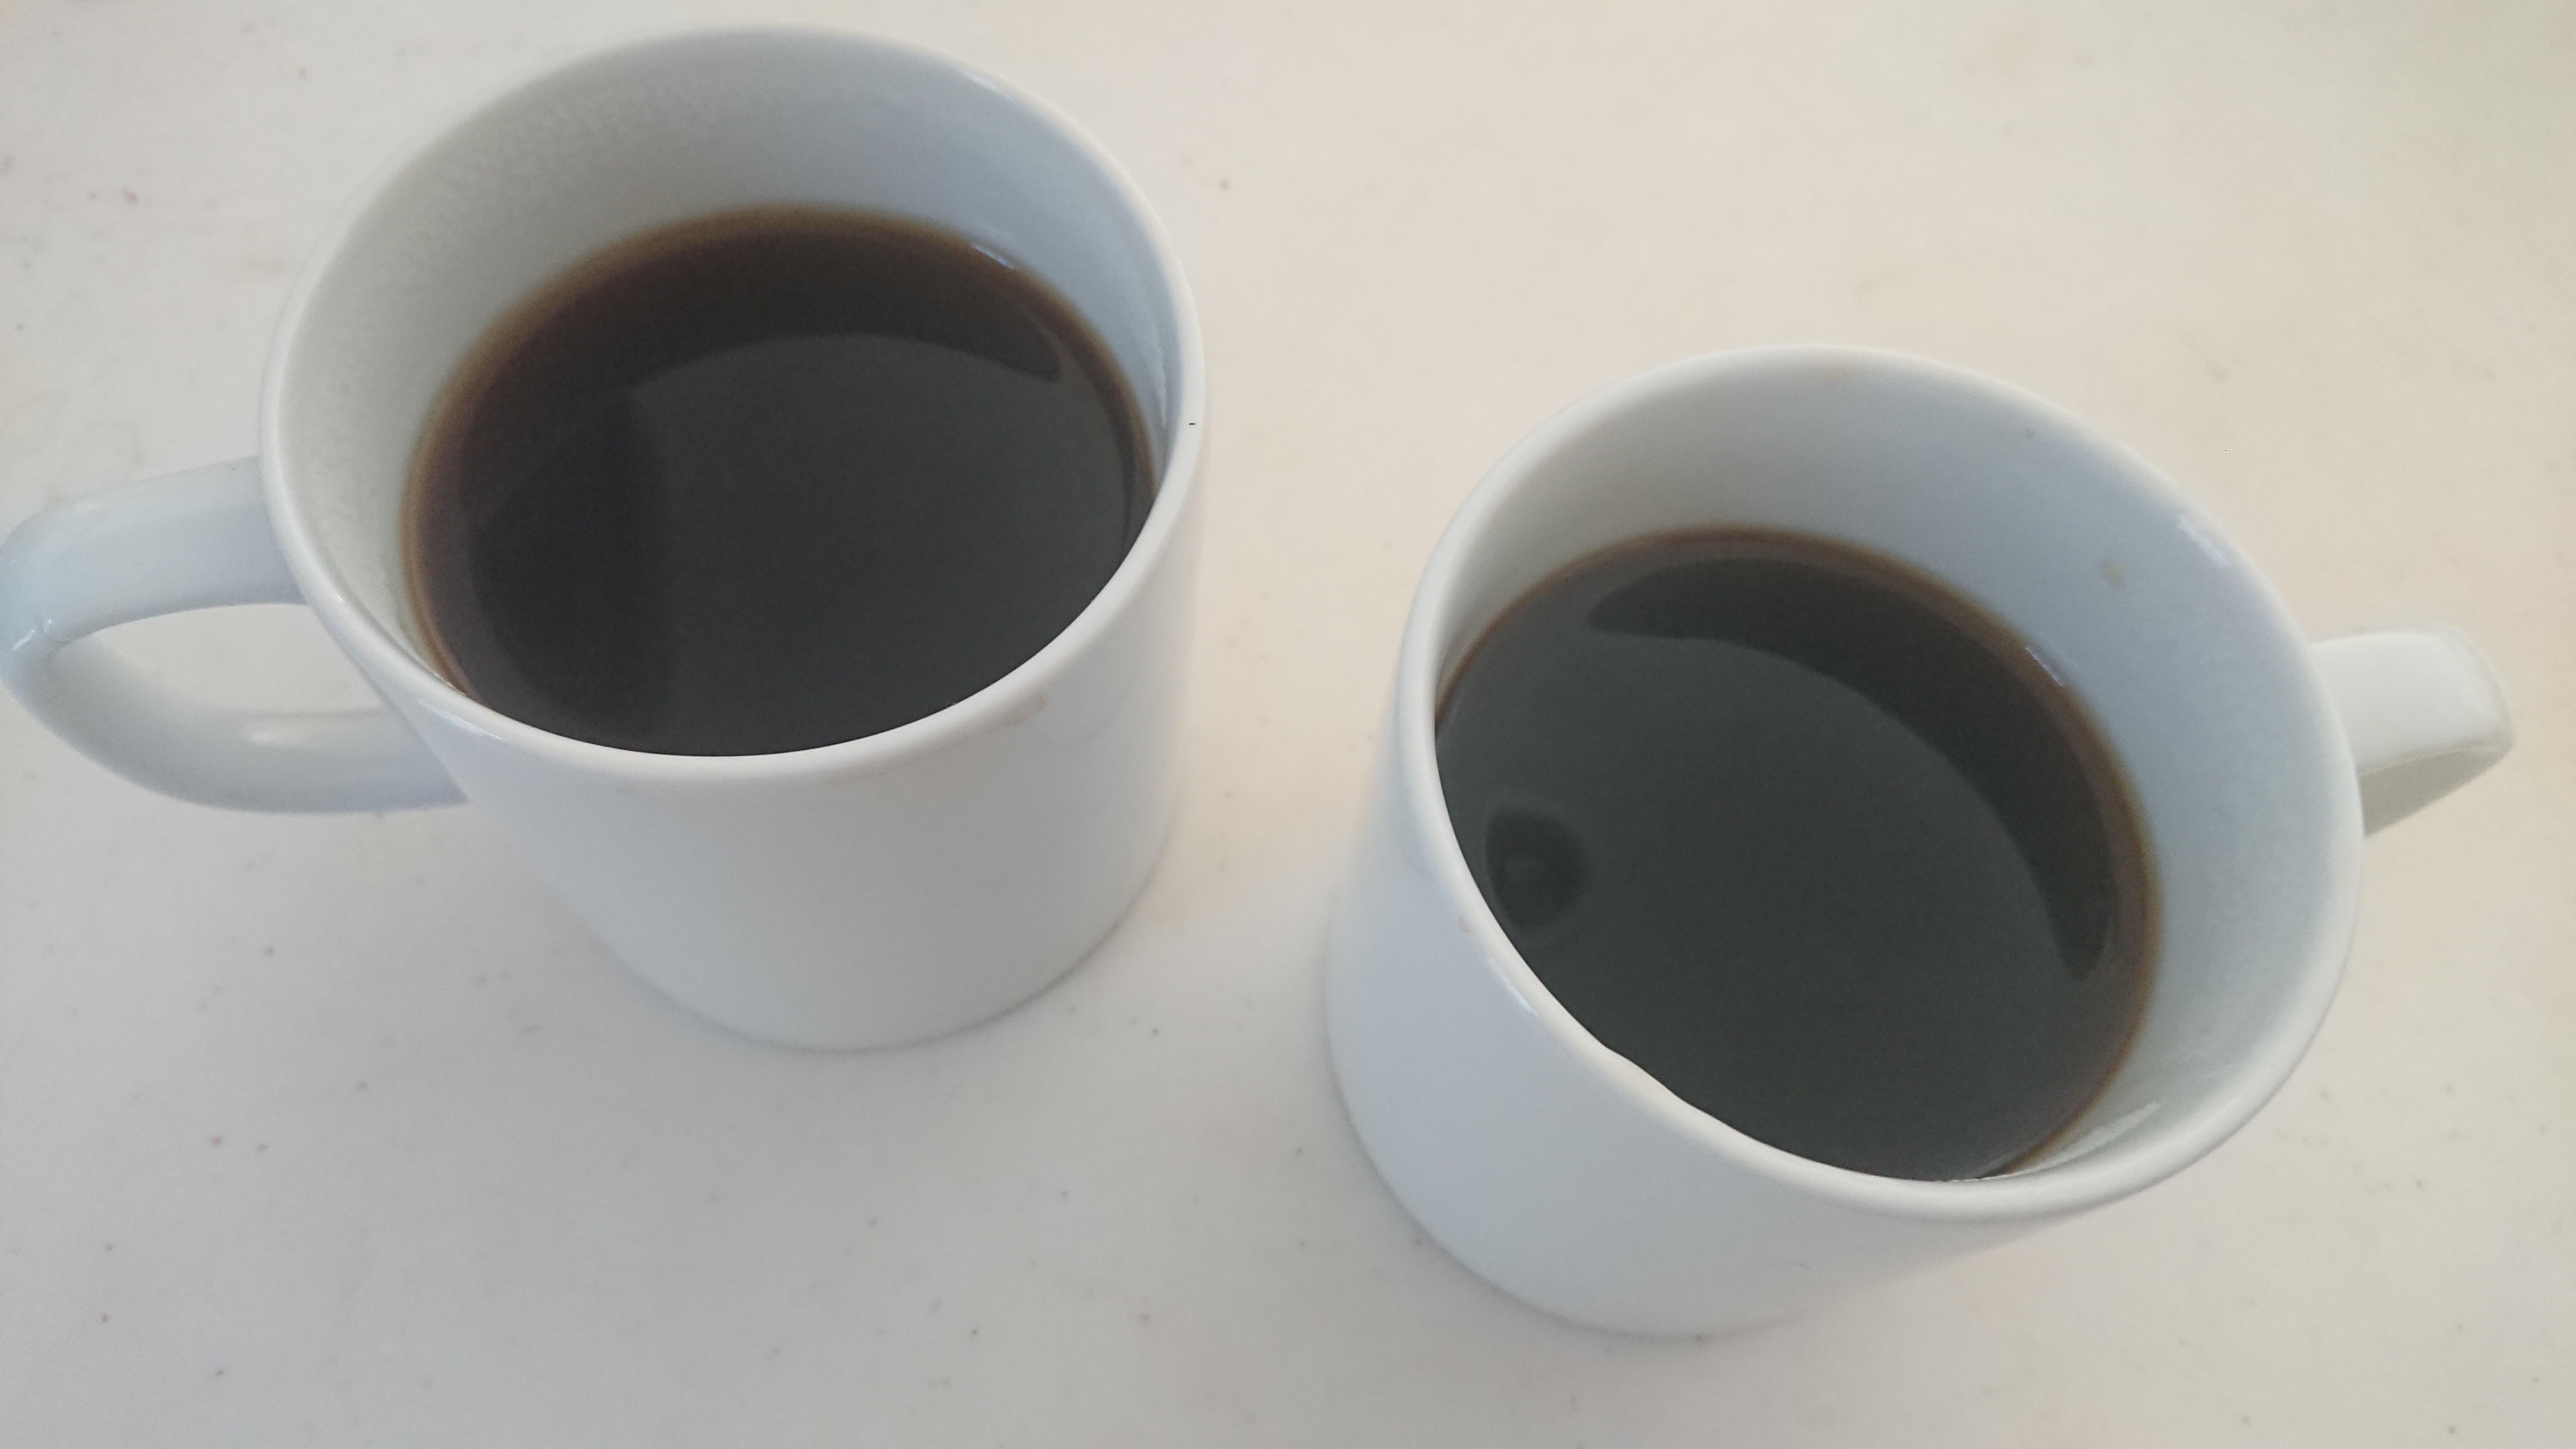 ポイント2つでドリップバックコーヒーが美味しくなる!